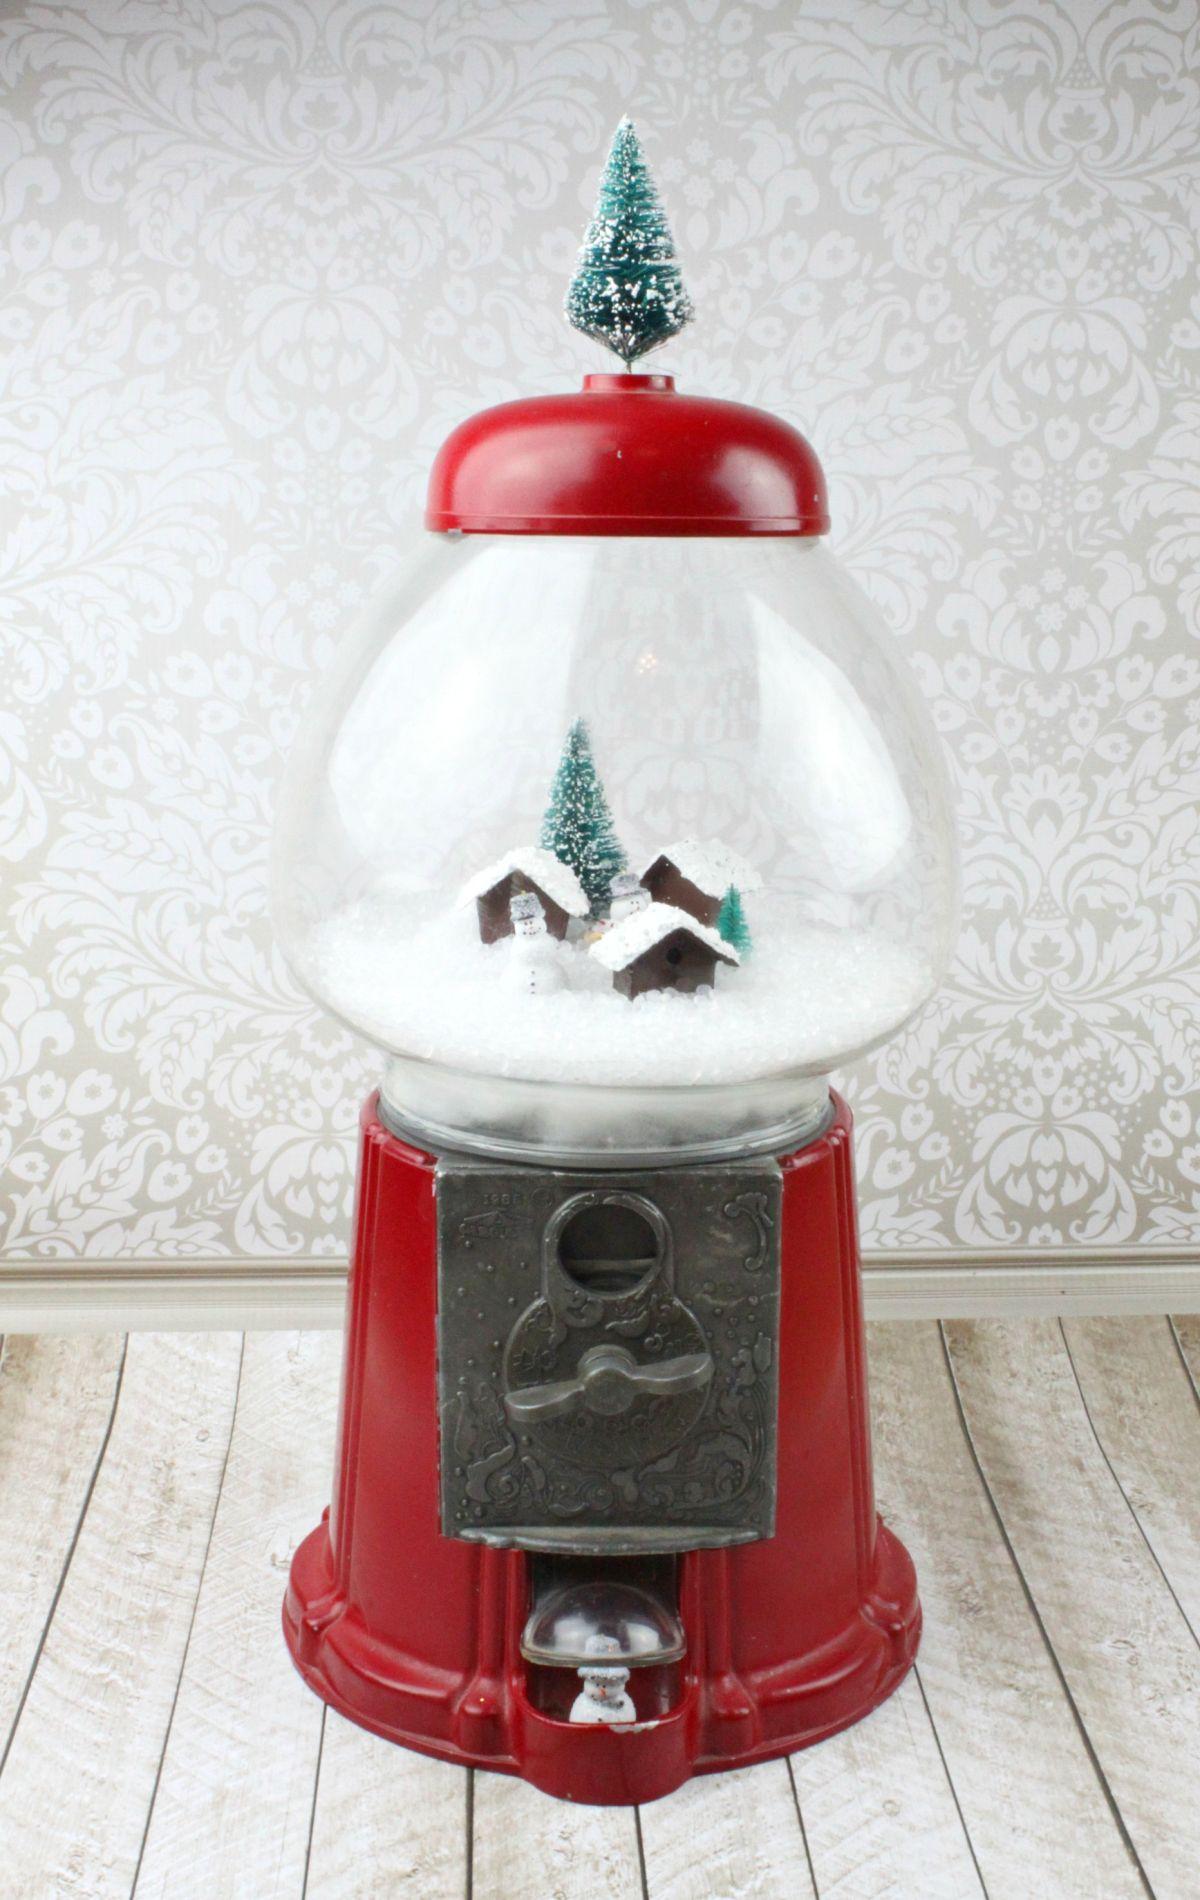 Make Gumball Machine Snow Globe Decor